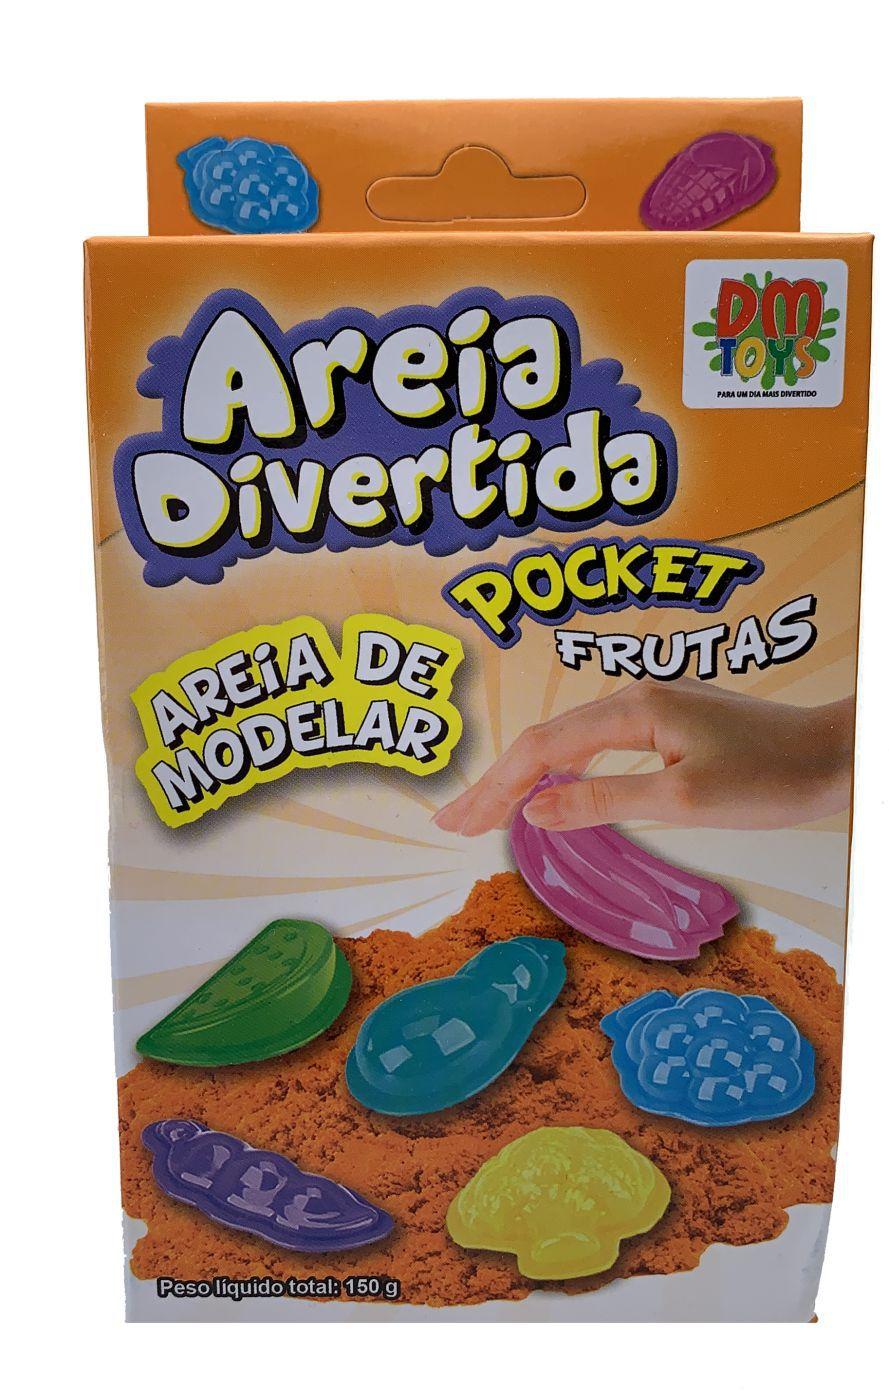 AREIA DE MODELAR - AREIA MÁGICA 150g E 300g